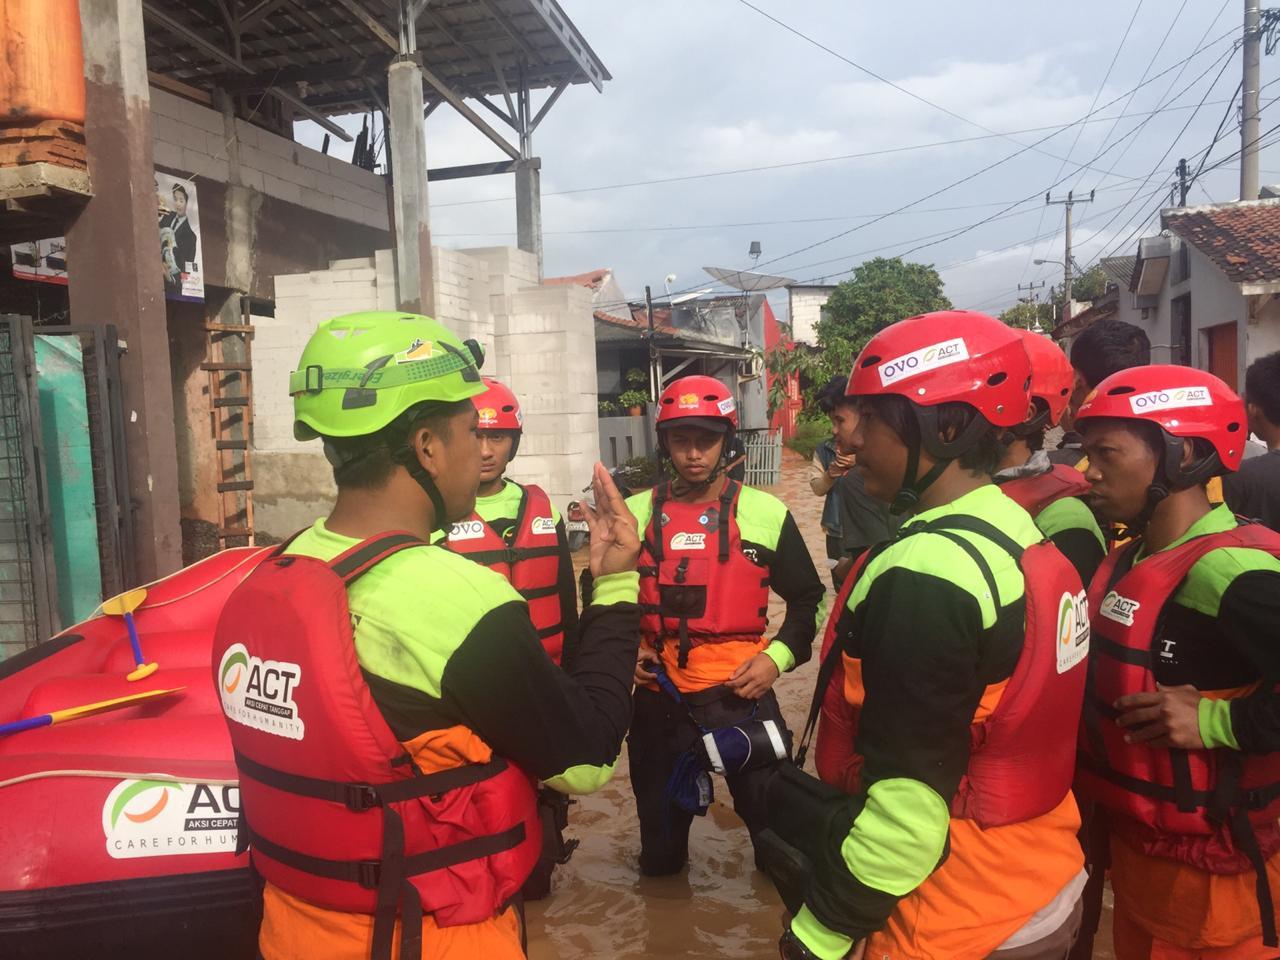 Tanpa Banyak Bicara, Relawan Langsung Bantu Korban Banjir Jabodetabek